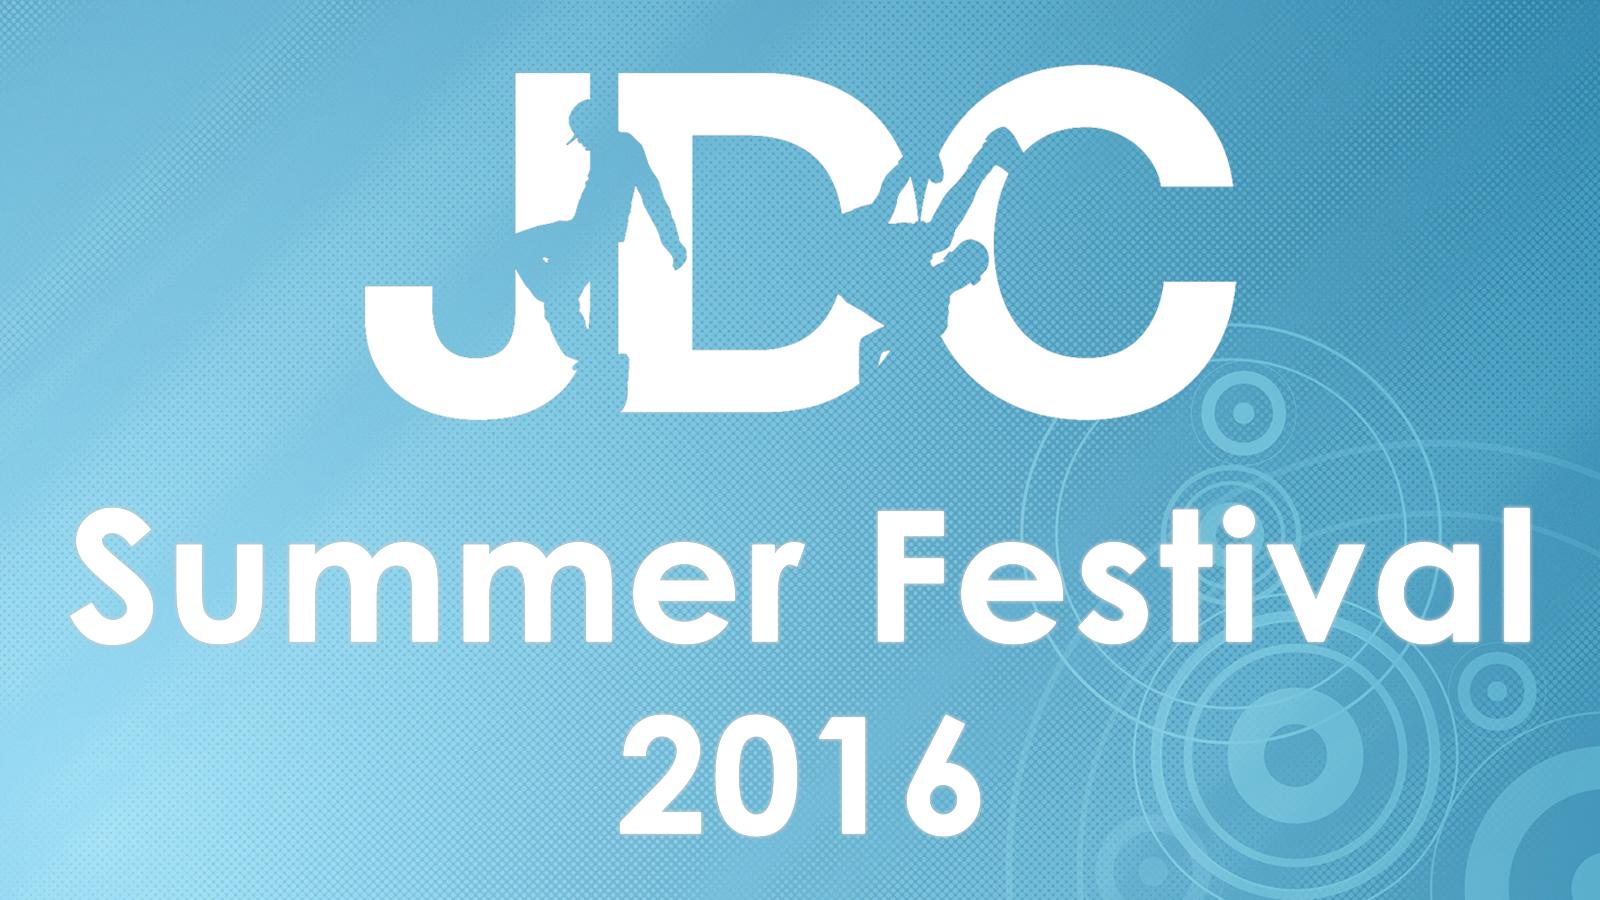 JDC Summer Festival 2016